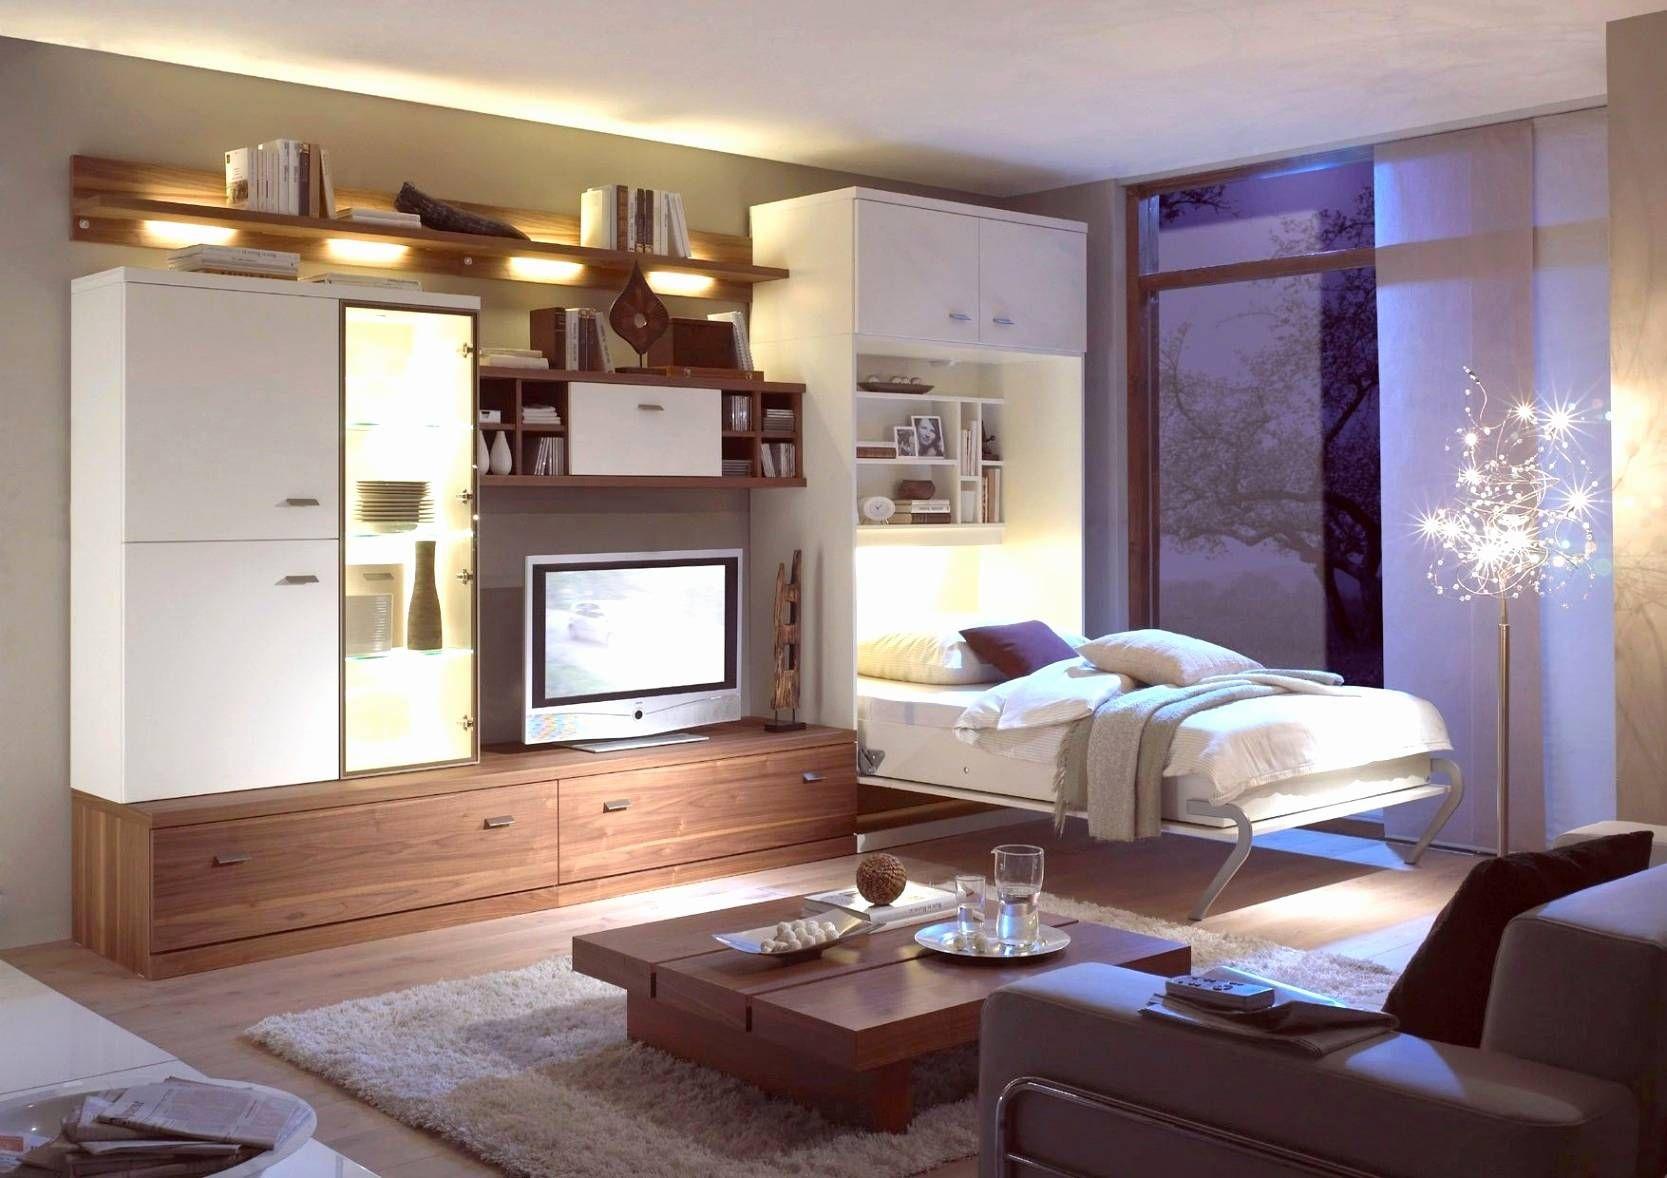 Full Size of Moderne Wohnzimmer Modernes Design Inspirierend Poster Decke Indirekte Beleuchtung Lampen Schrank Sideboard Lampe Pendelleuchte Led Wandbilder Hängeleuchte Wohnzimmer Moderne Wohnzimmer